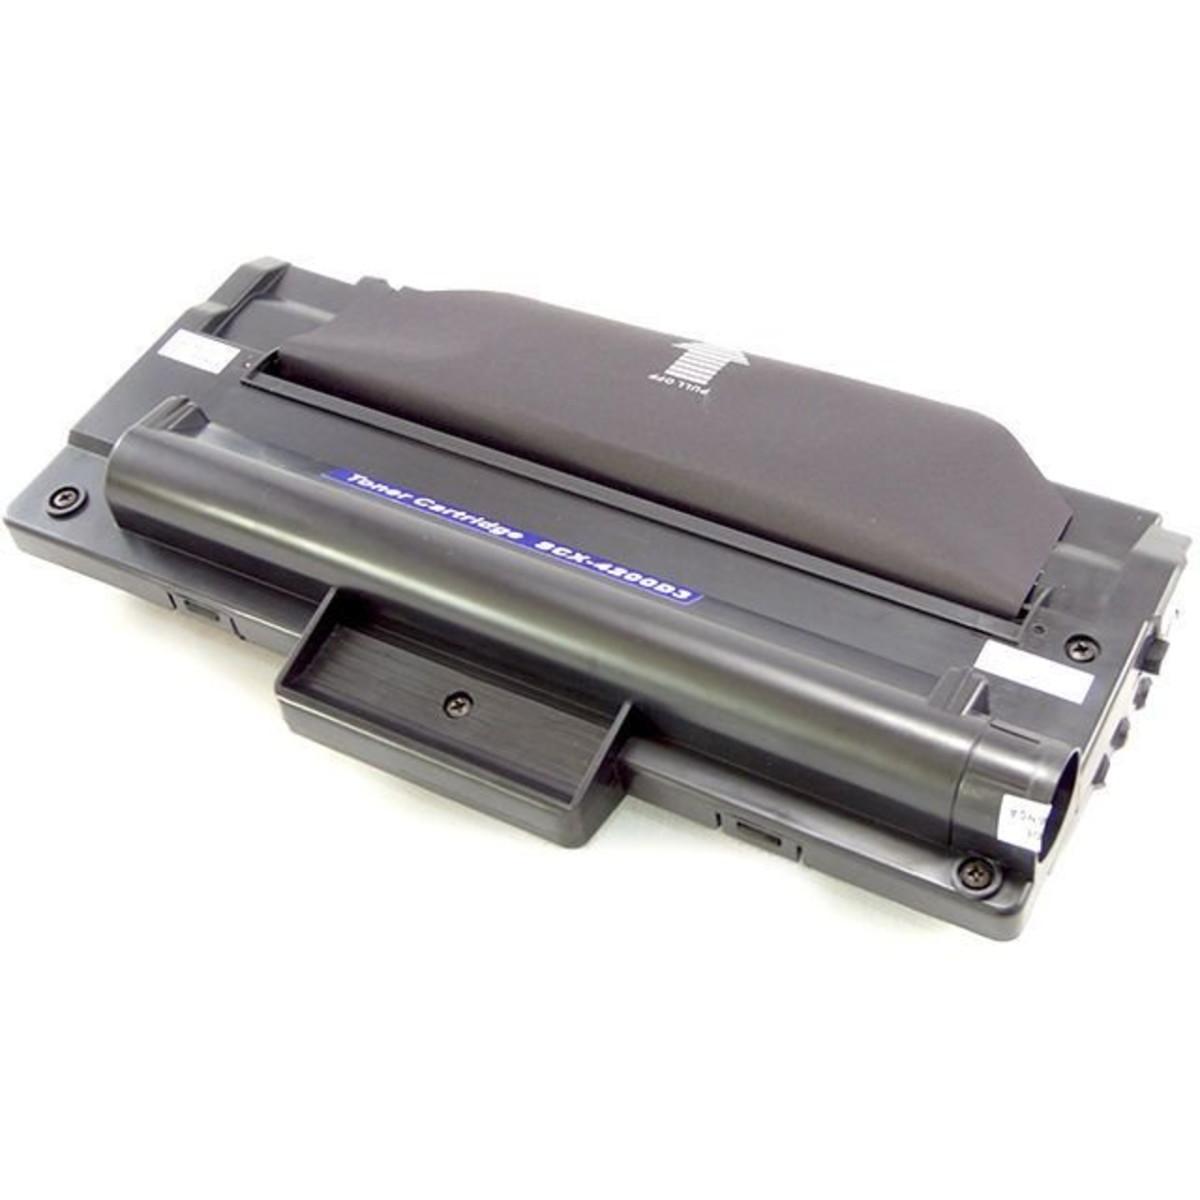 3fe24f831 Toner Compatível para Samsung D4200A SCX-4200 SCX-4220 no Elo7 ...